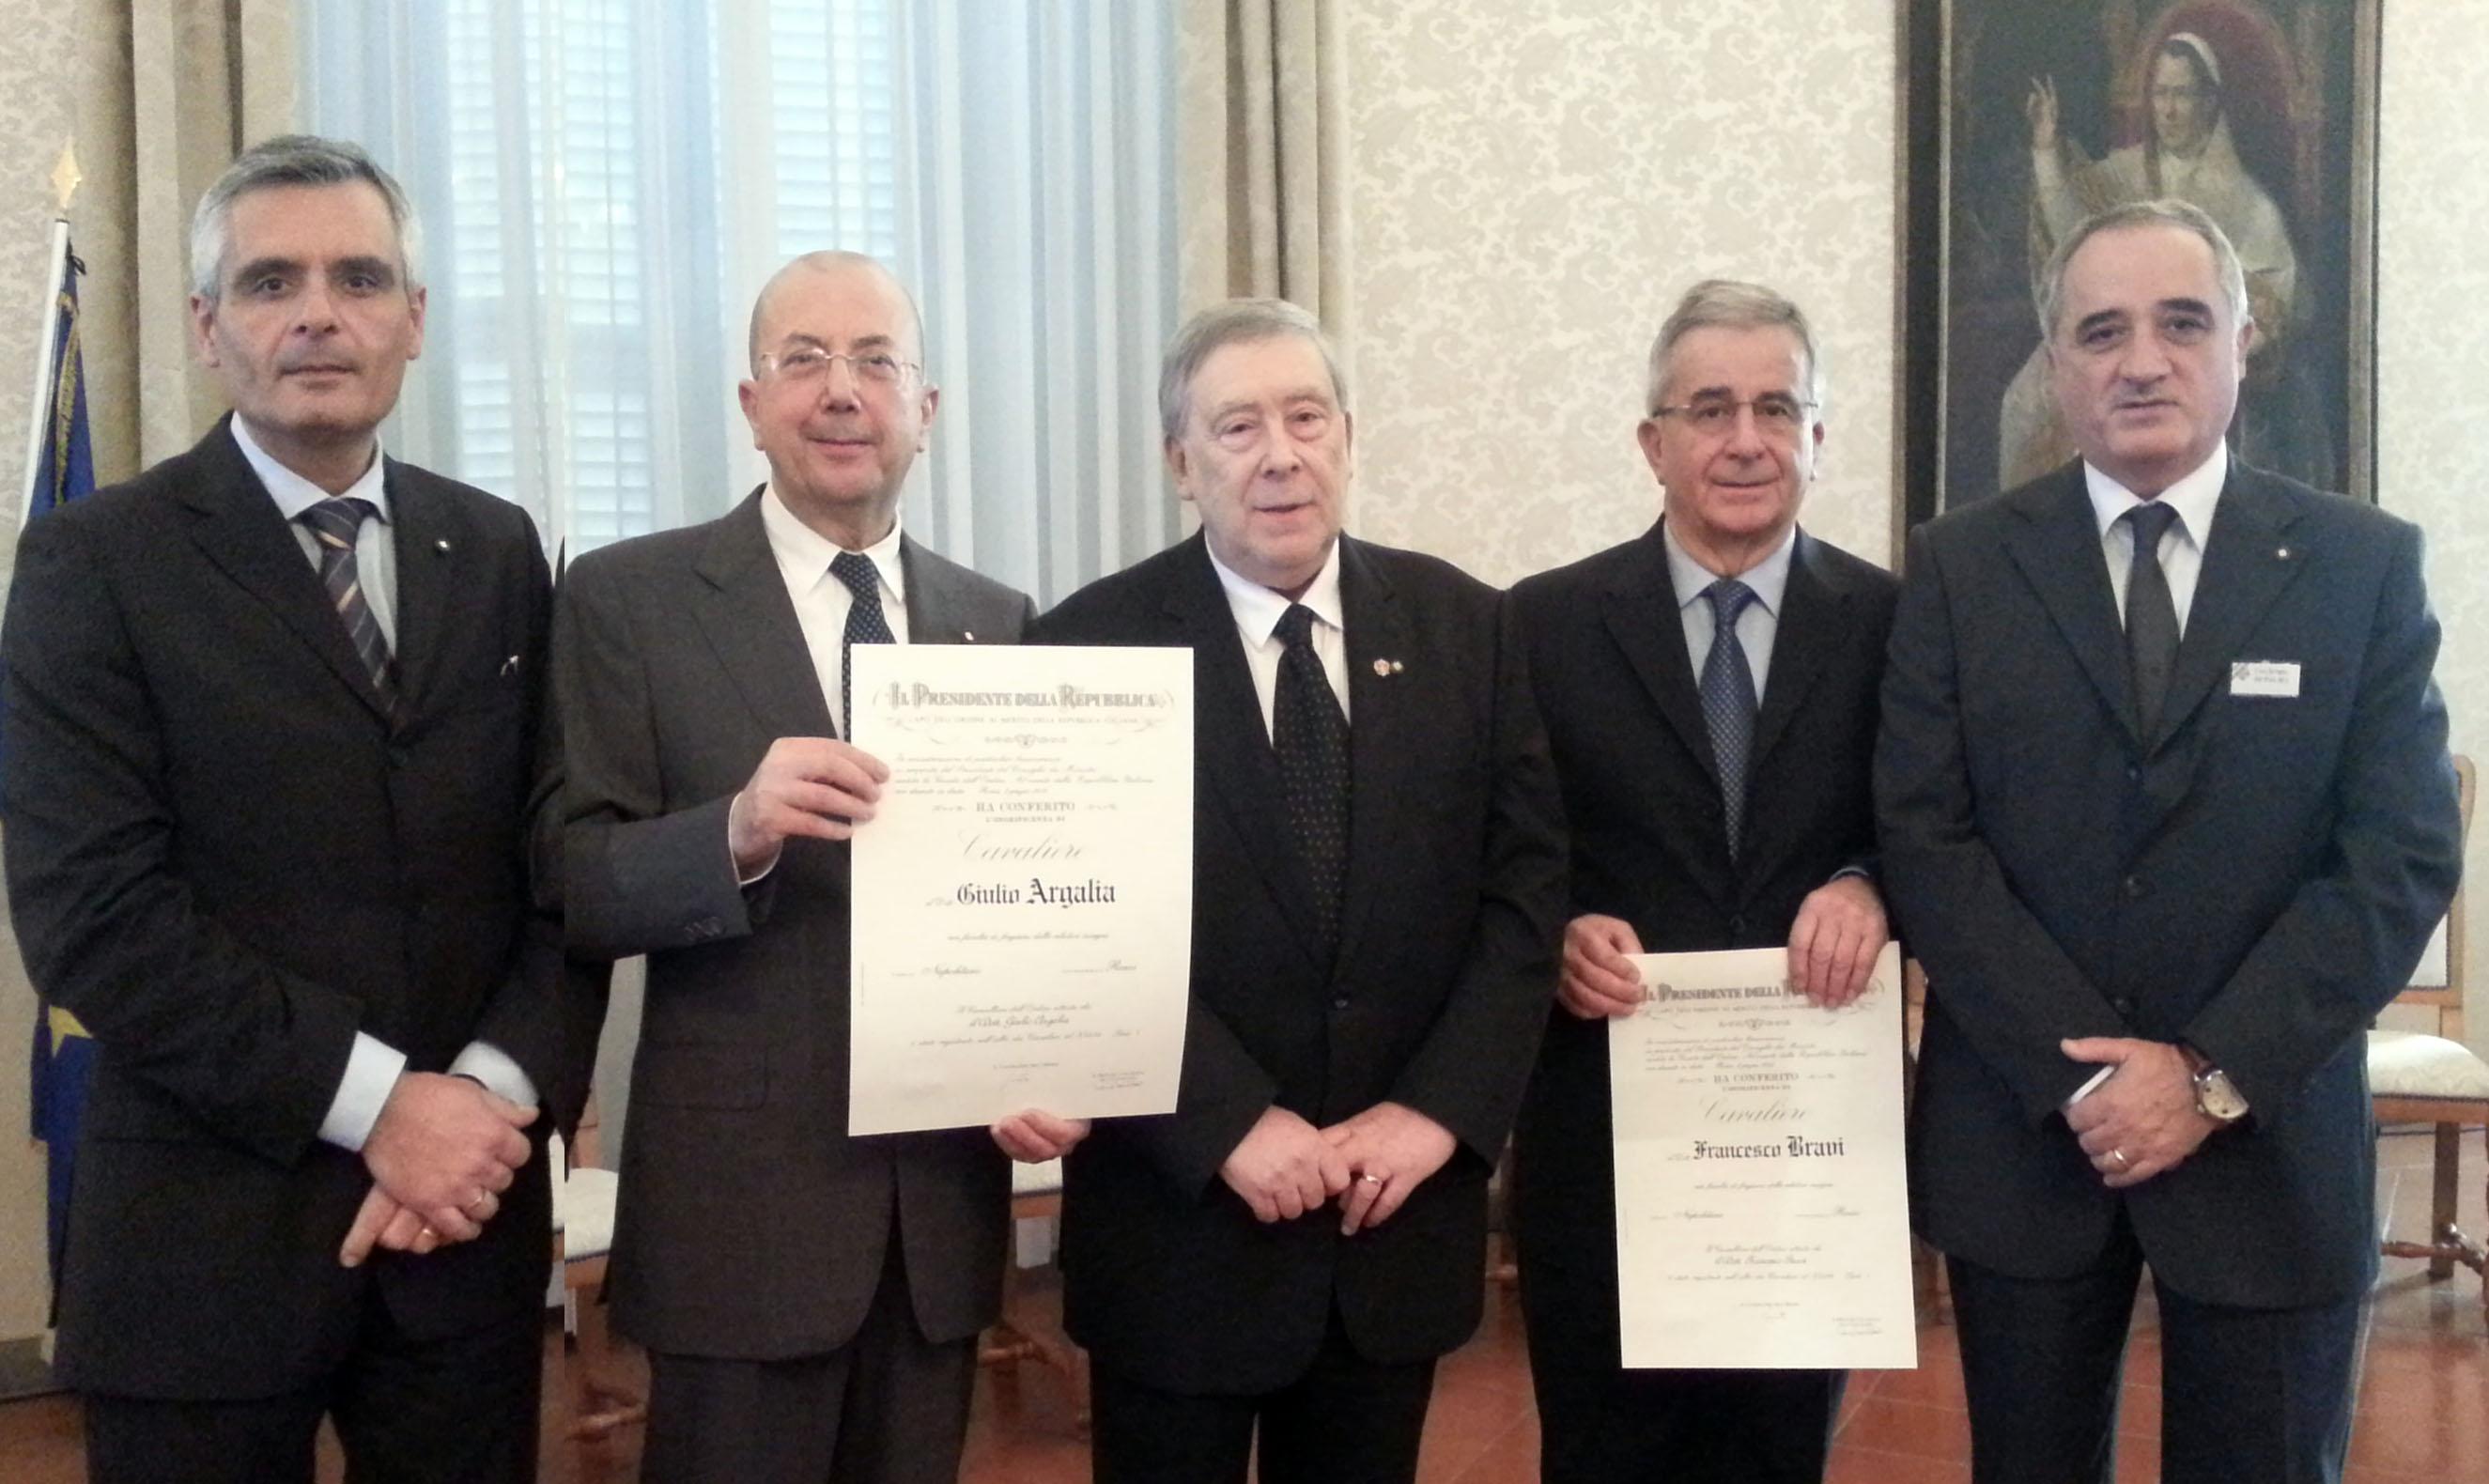 CONSEGNATE IN PREFETTURA LE ONORIFICENZE DELL'ORDINE AL MERITO DELLA REPUBBLICA ITALIANA